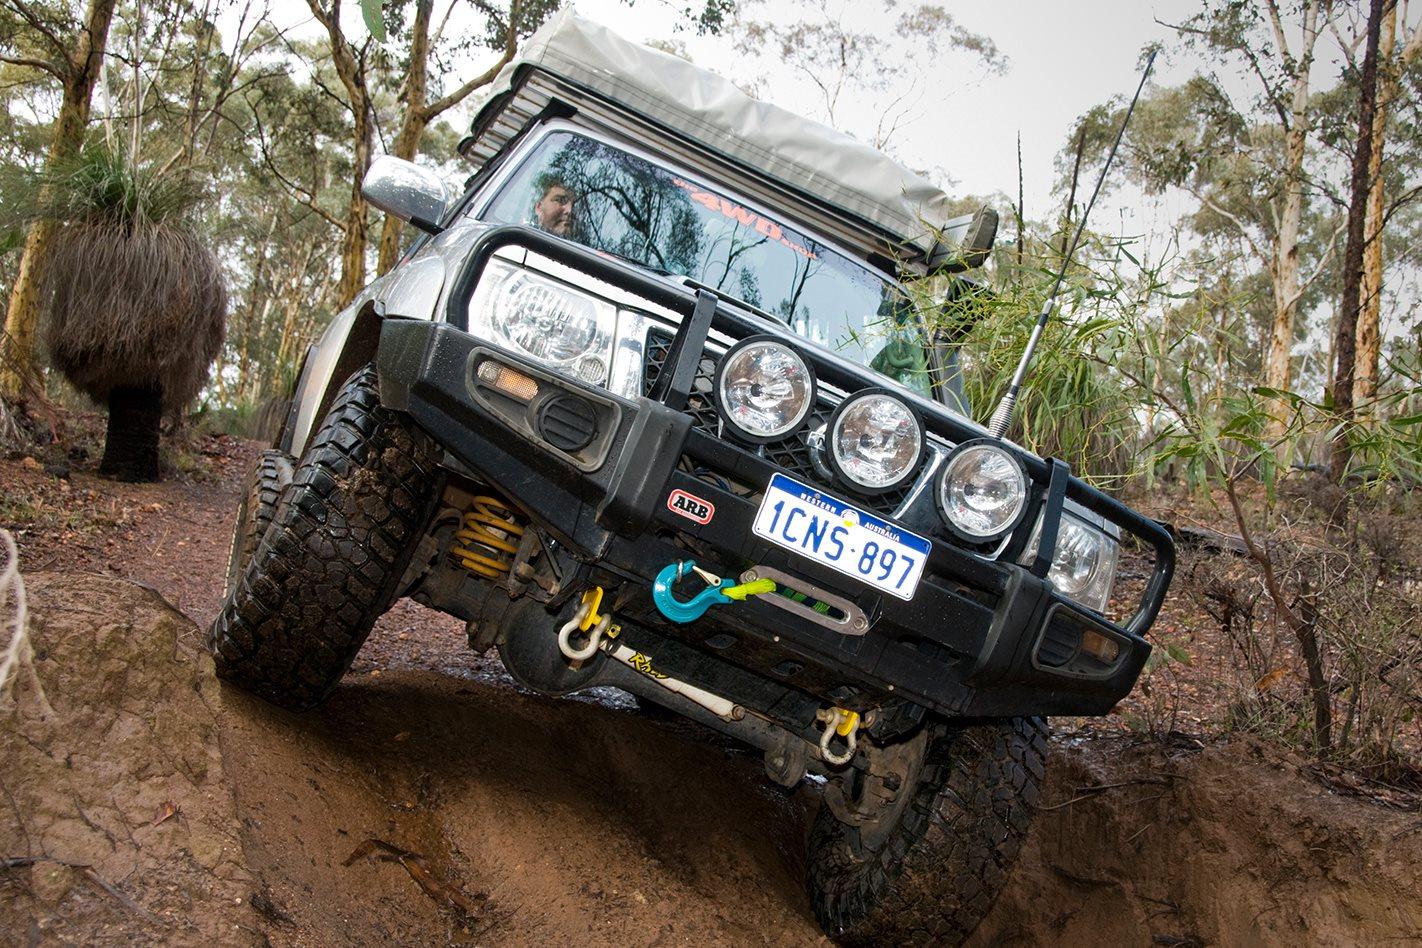 2005-Nissan-Patrol-GU-downhill